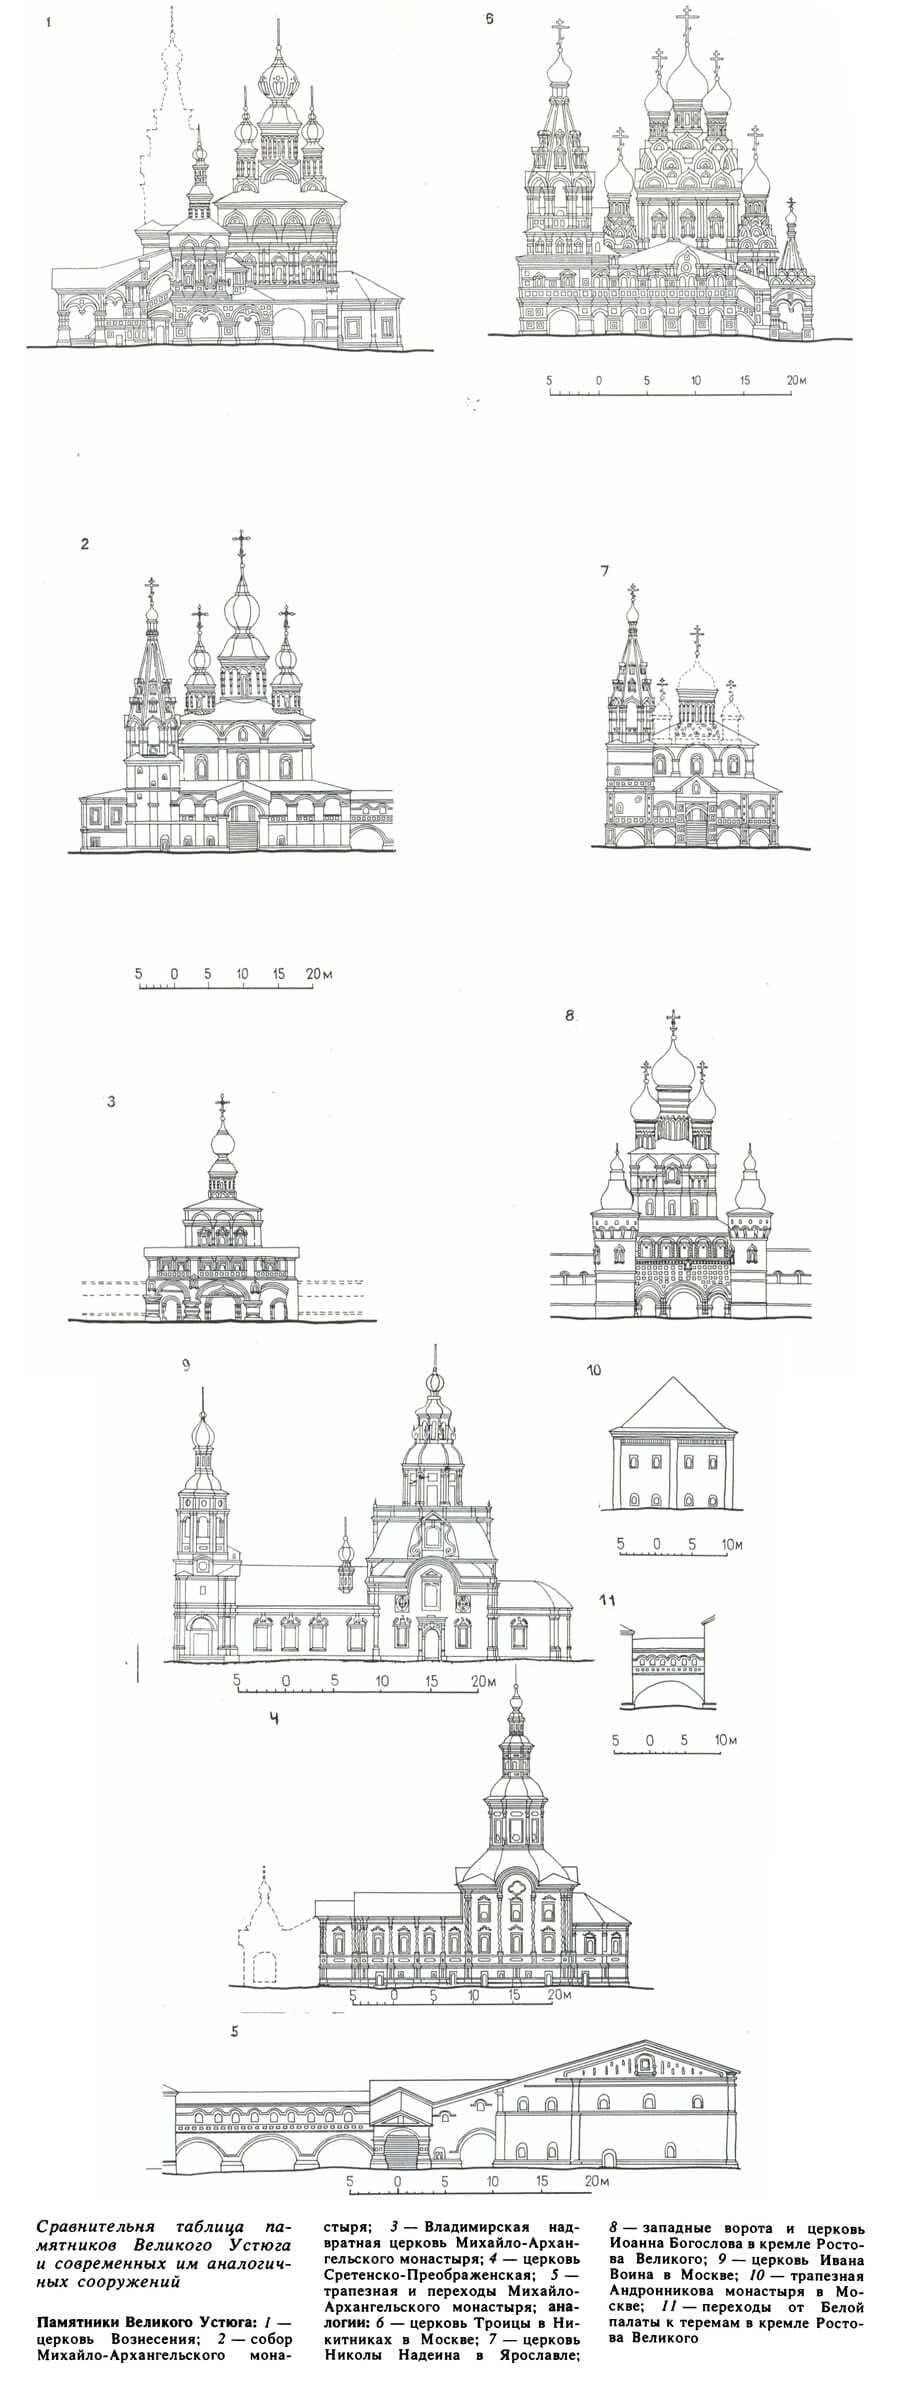 Сравнителъня таблица памятников Великого Устюга и современных им аналогичных сооружений